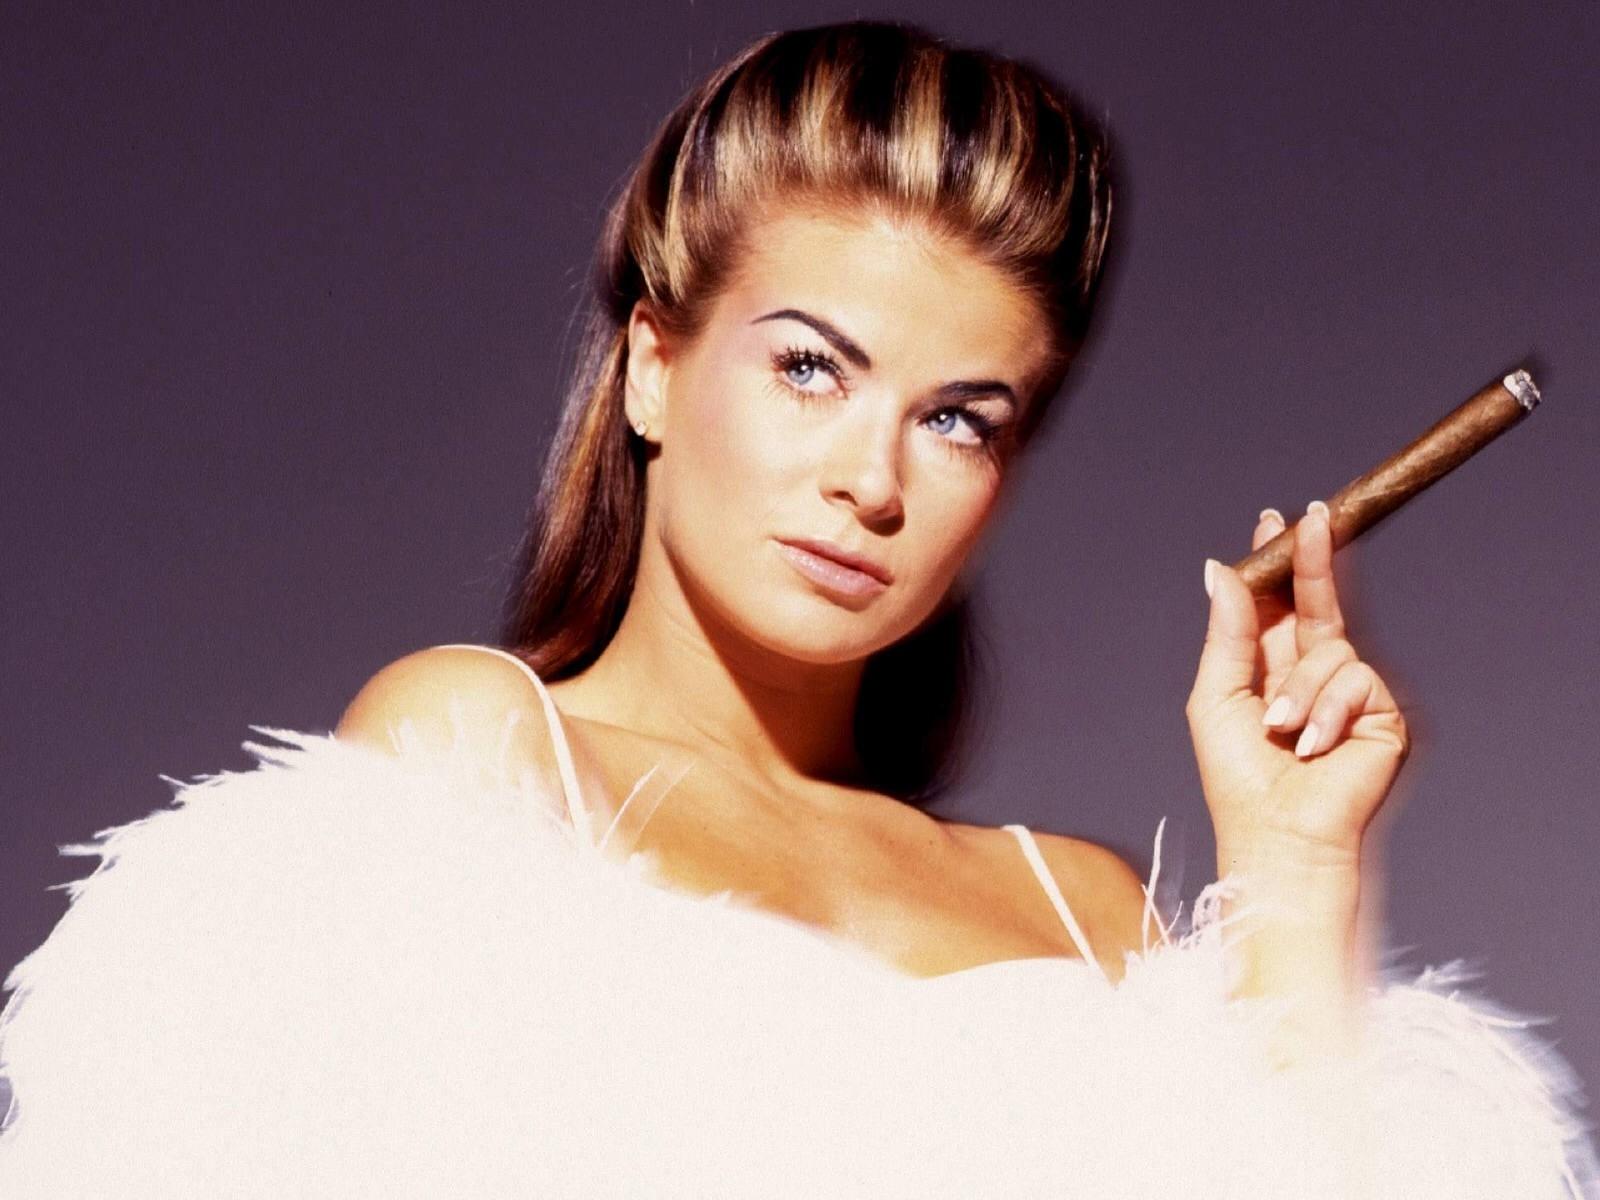 Wallpaper di Carmen Electra mentre fuma